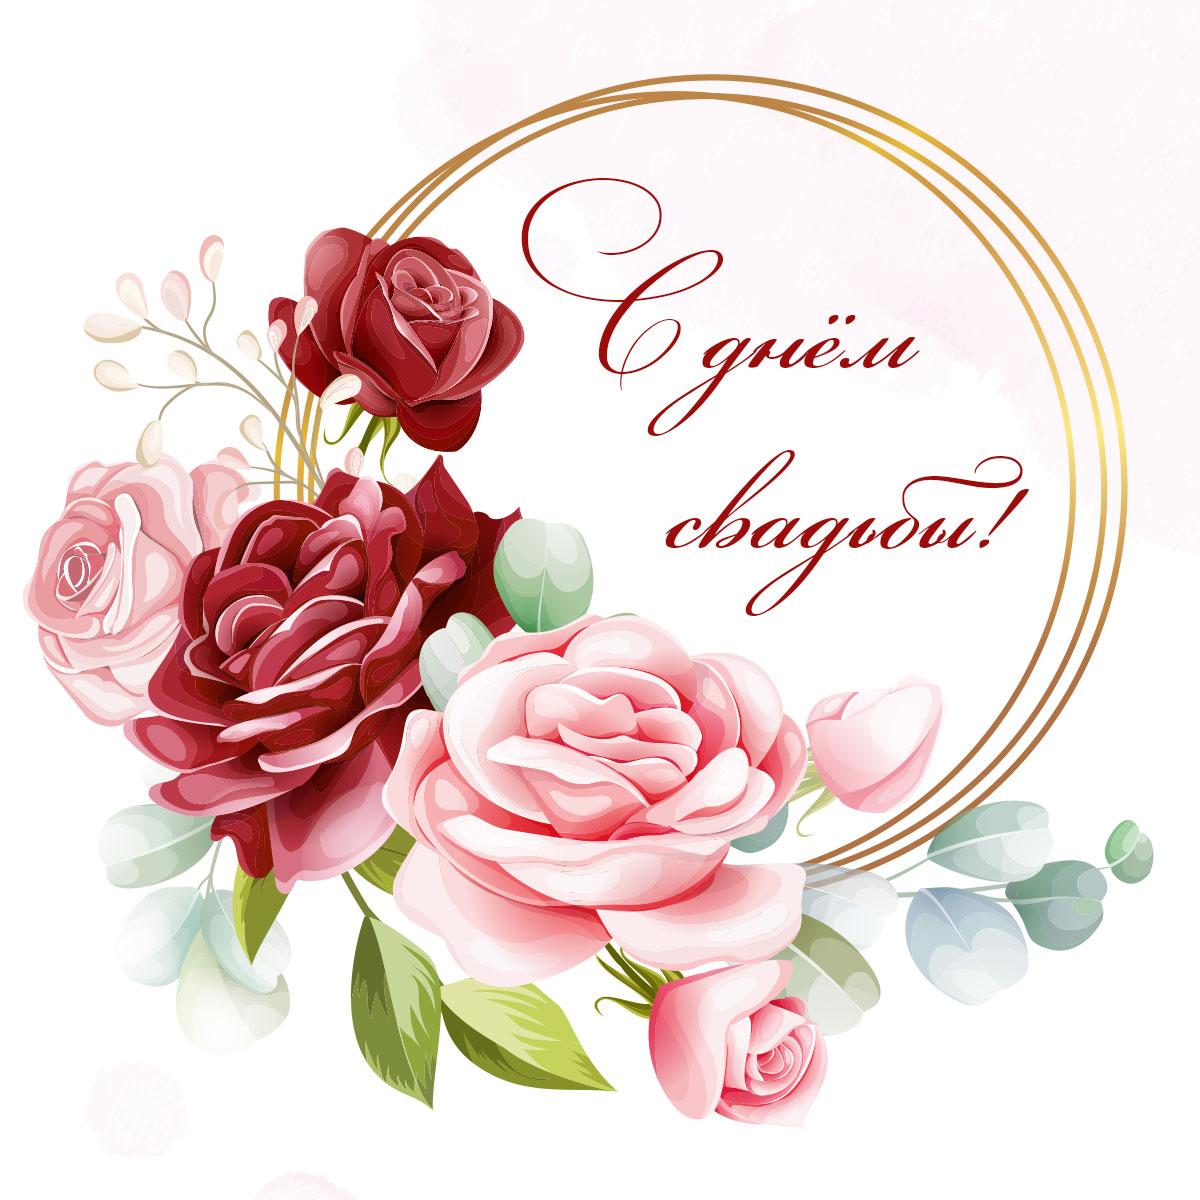 Надпись с днем свадьбы на фоне бутонов роз с зелёными лепестками.